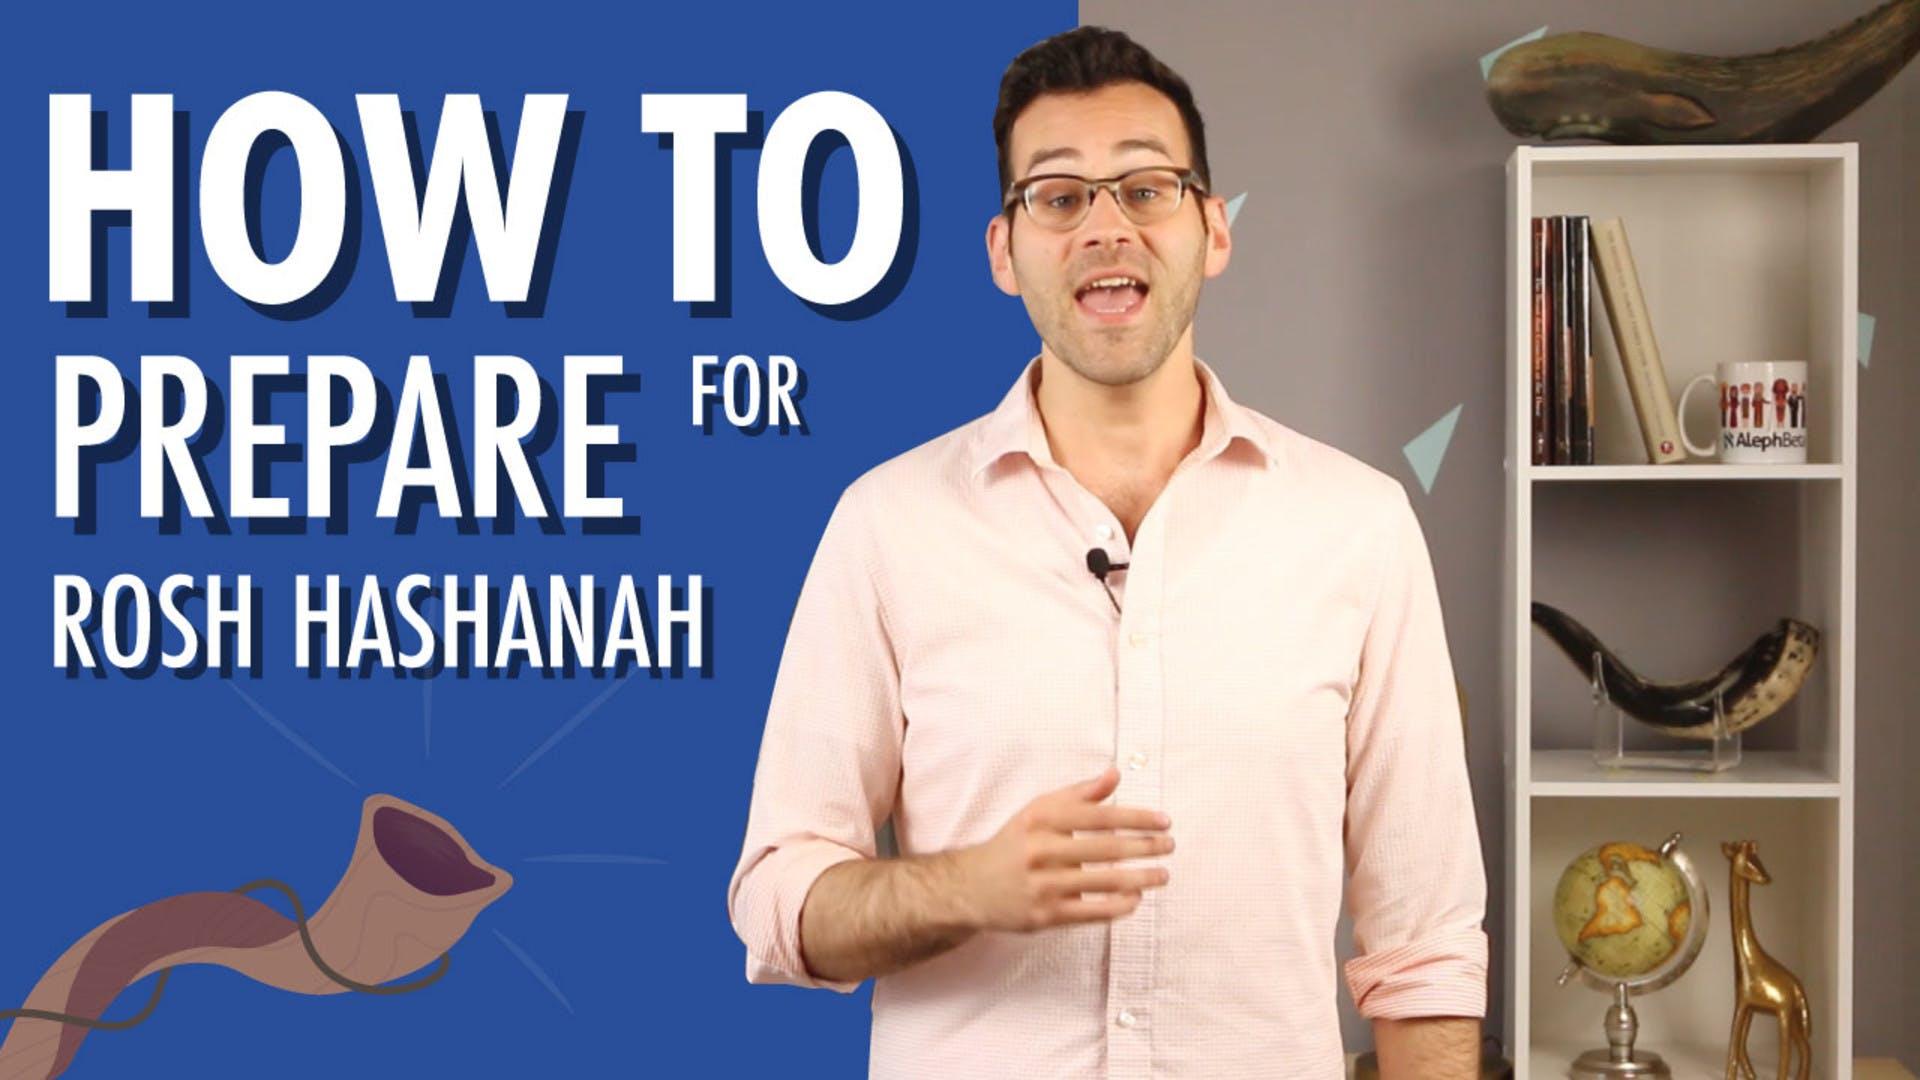 What does Rosh Hashanah celebrate